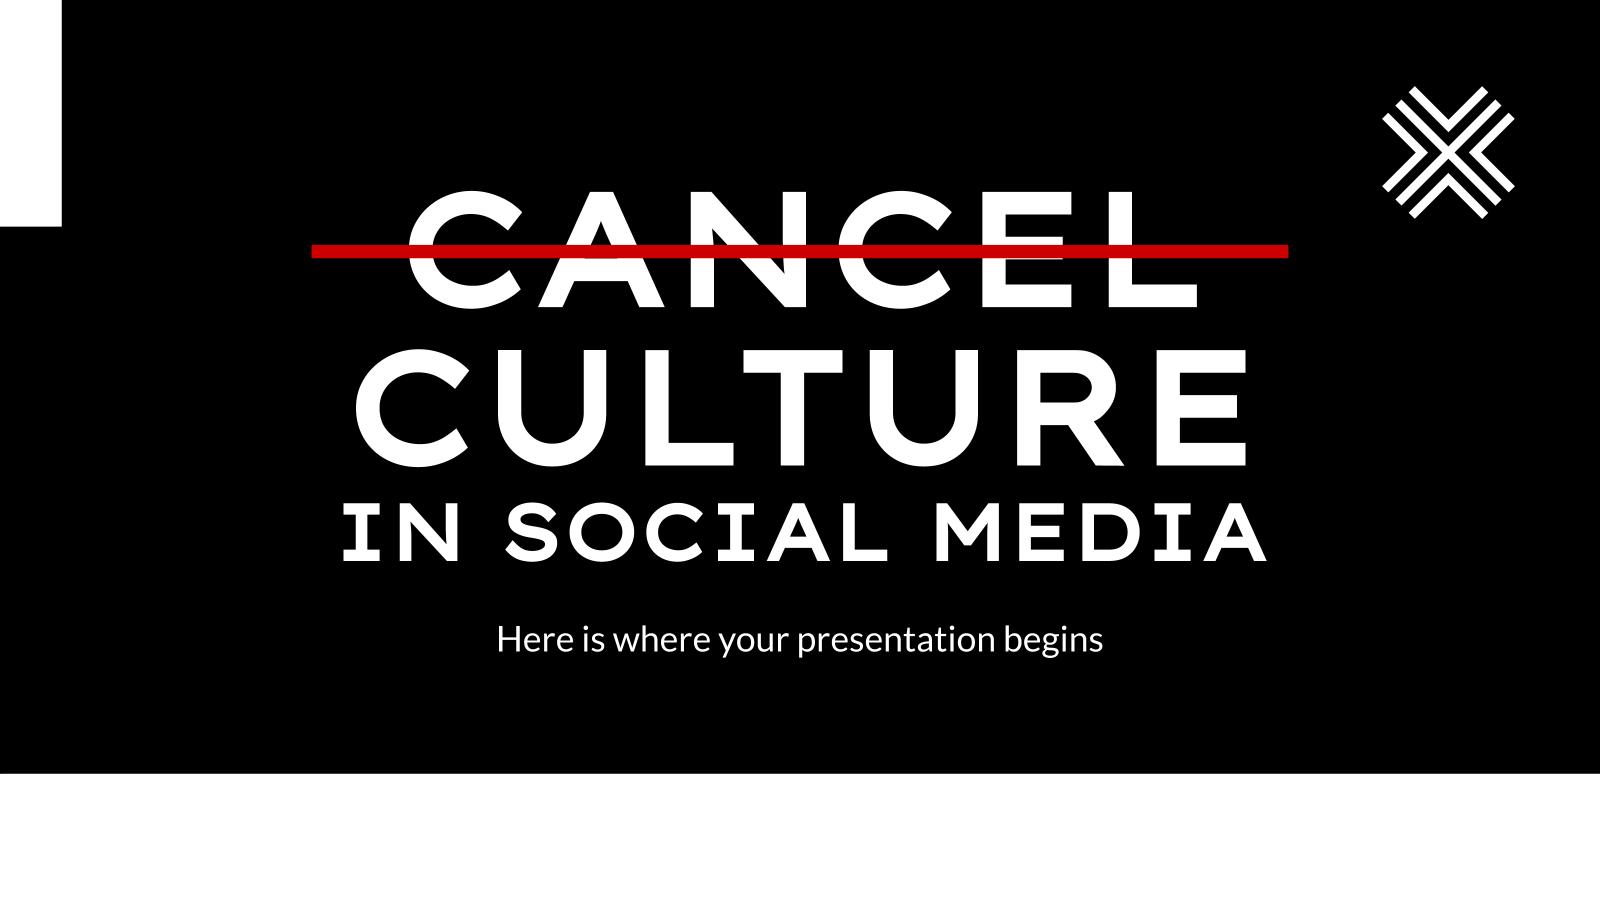 Modelo de apresentação Cultura do cancelamento nas mídias sociais